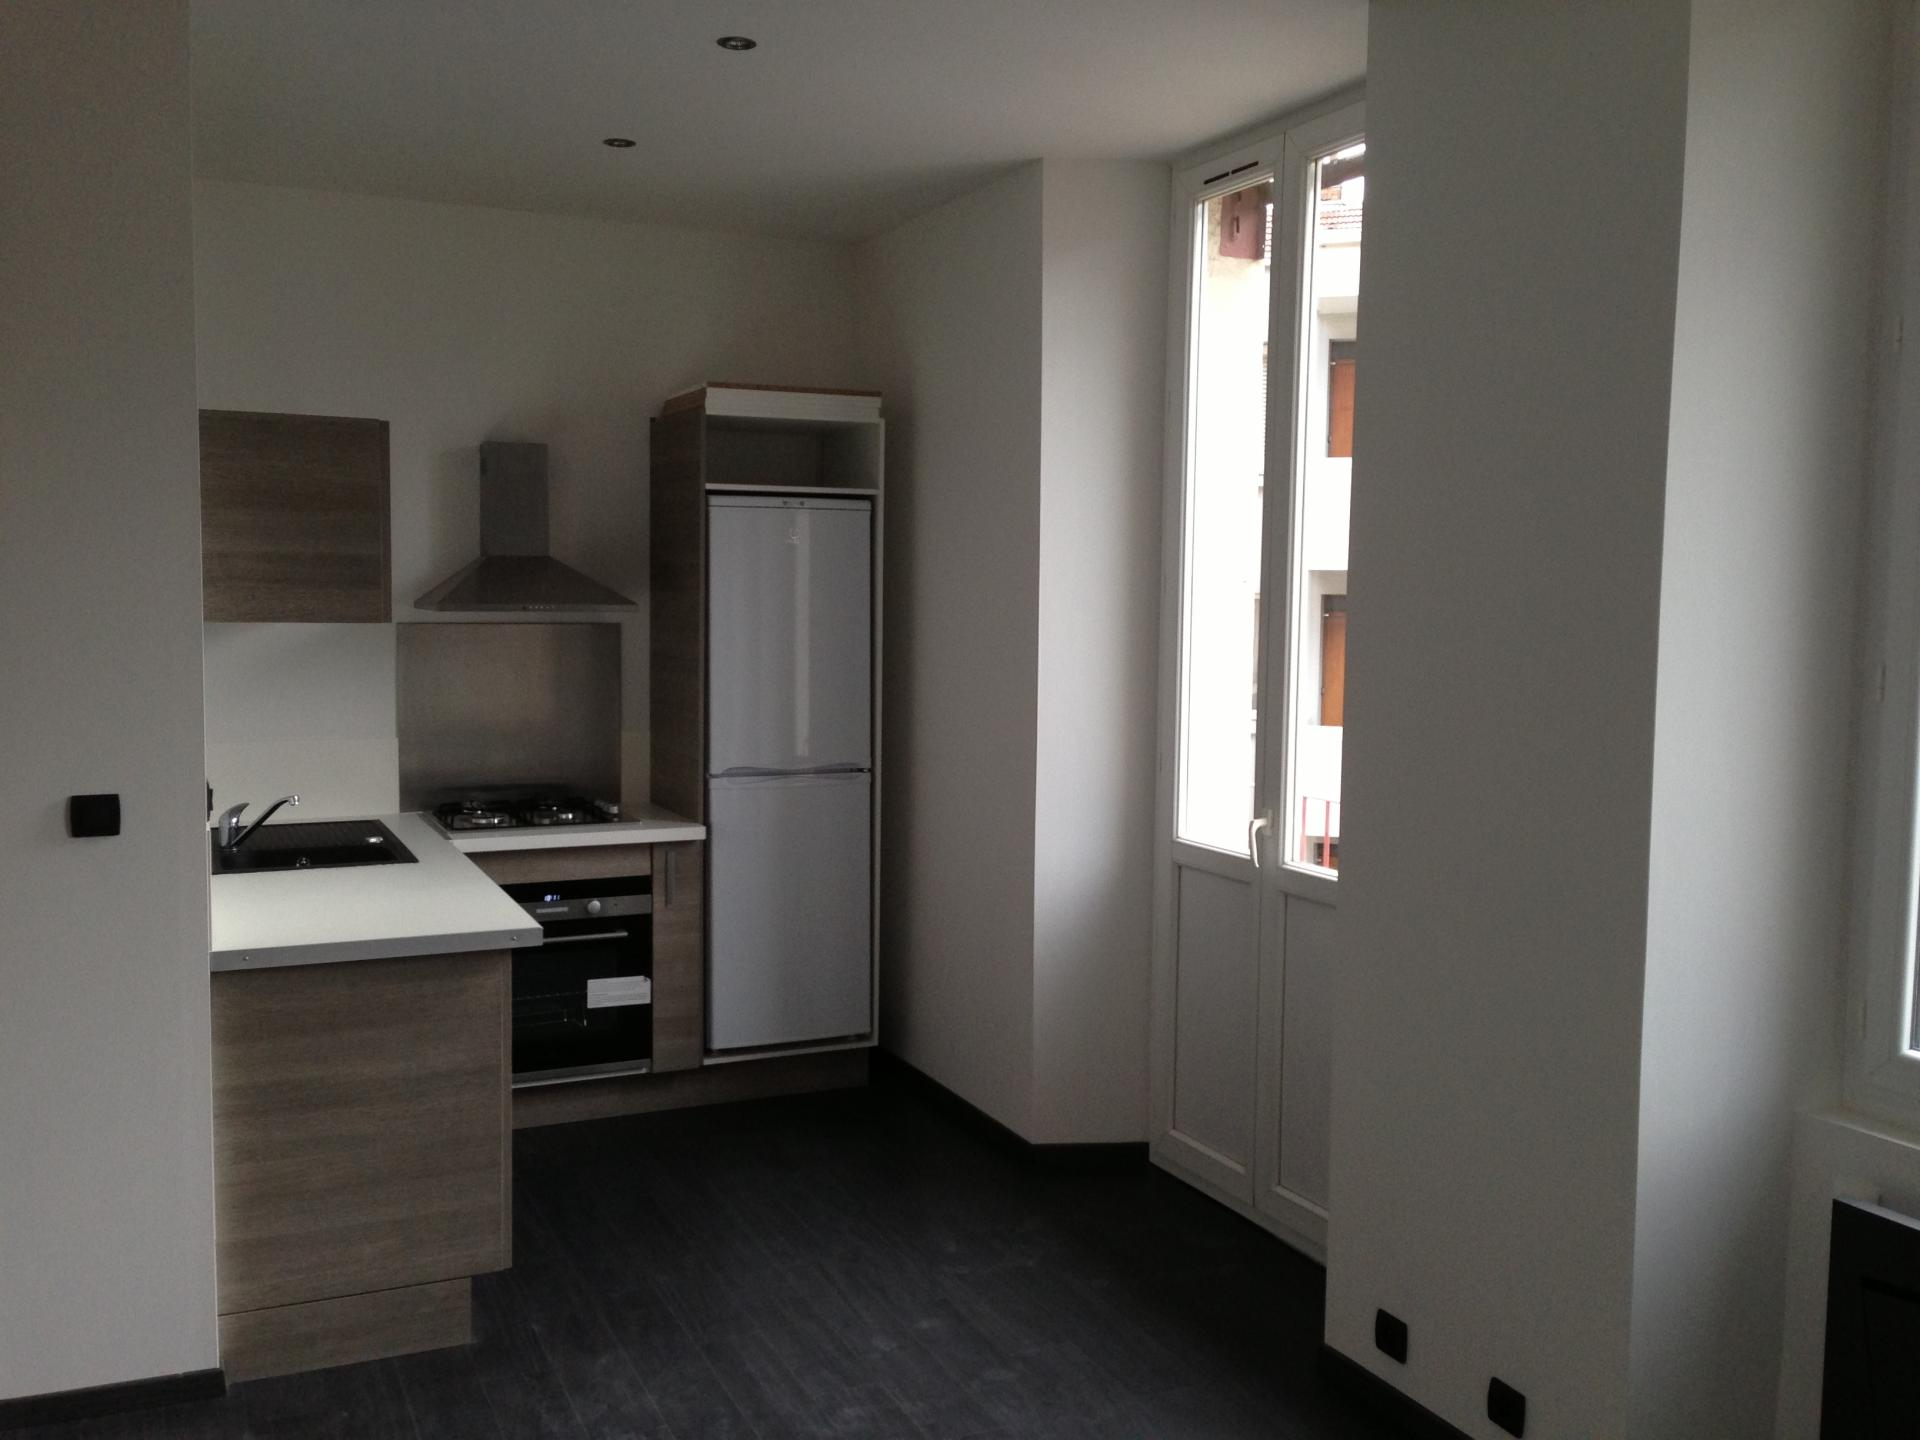 Location appartement Grenoble : les dossiers à fournir